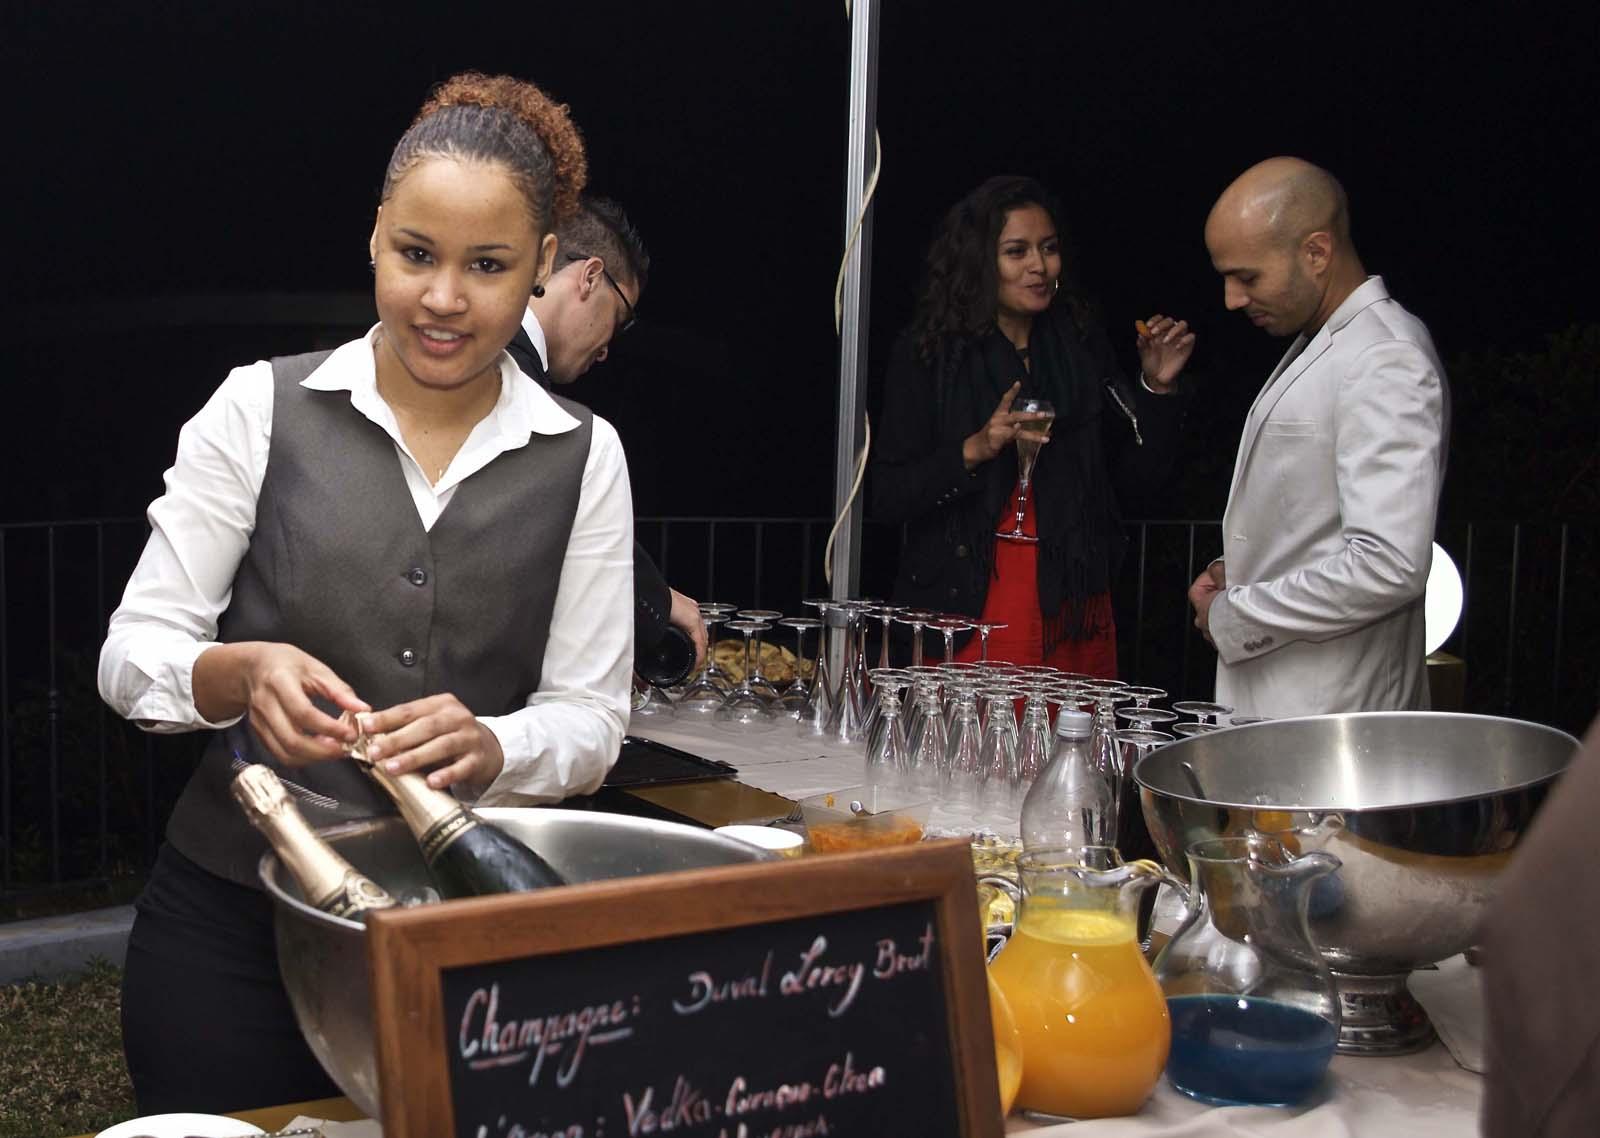 Laurianne aux cocktails...